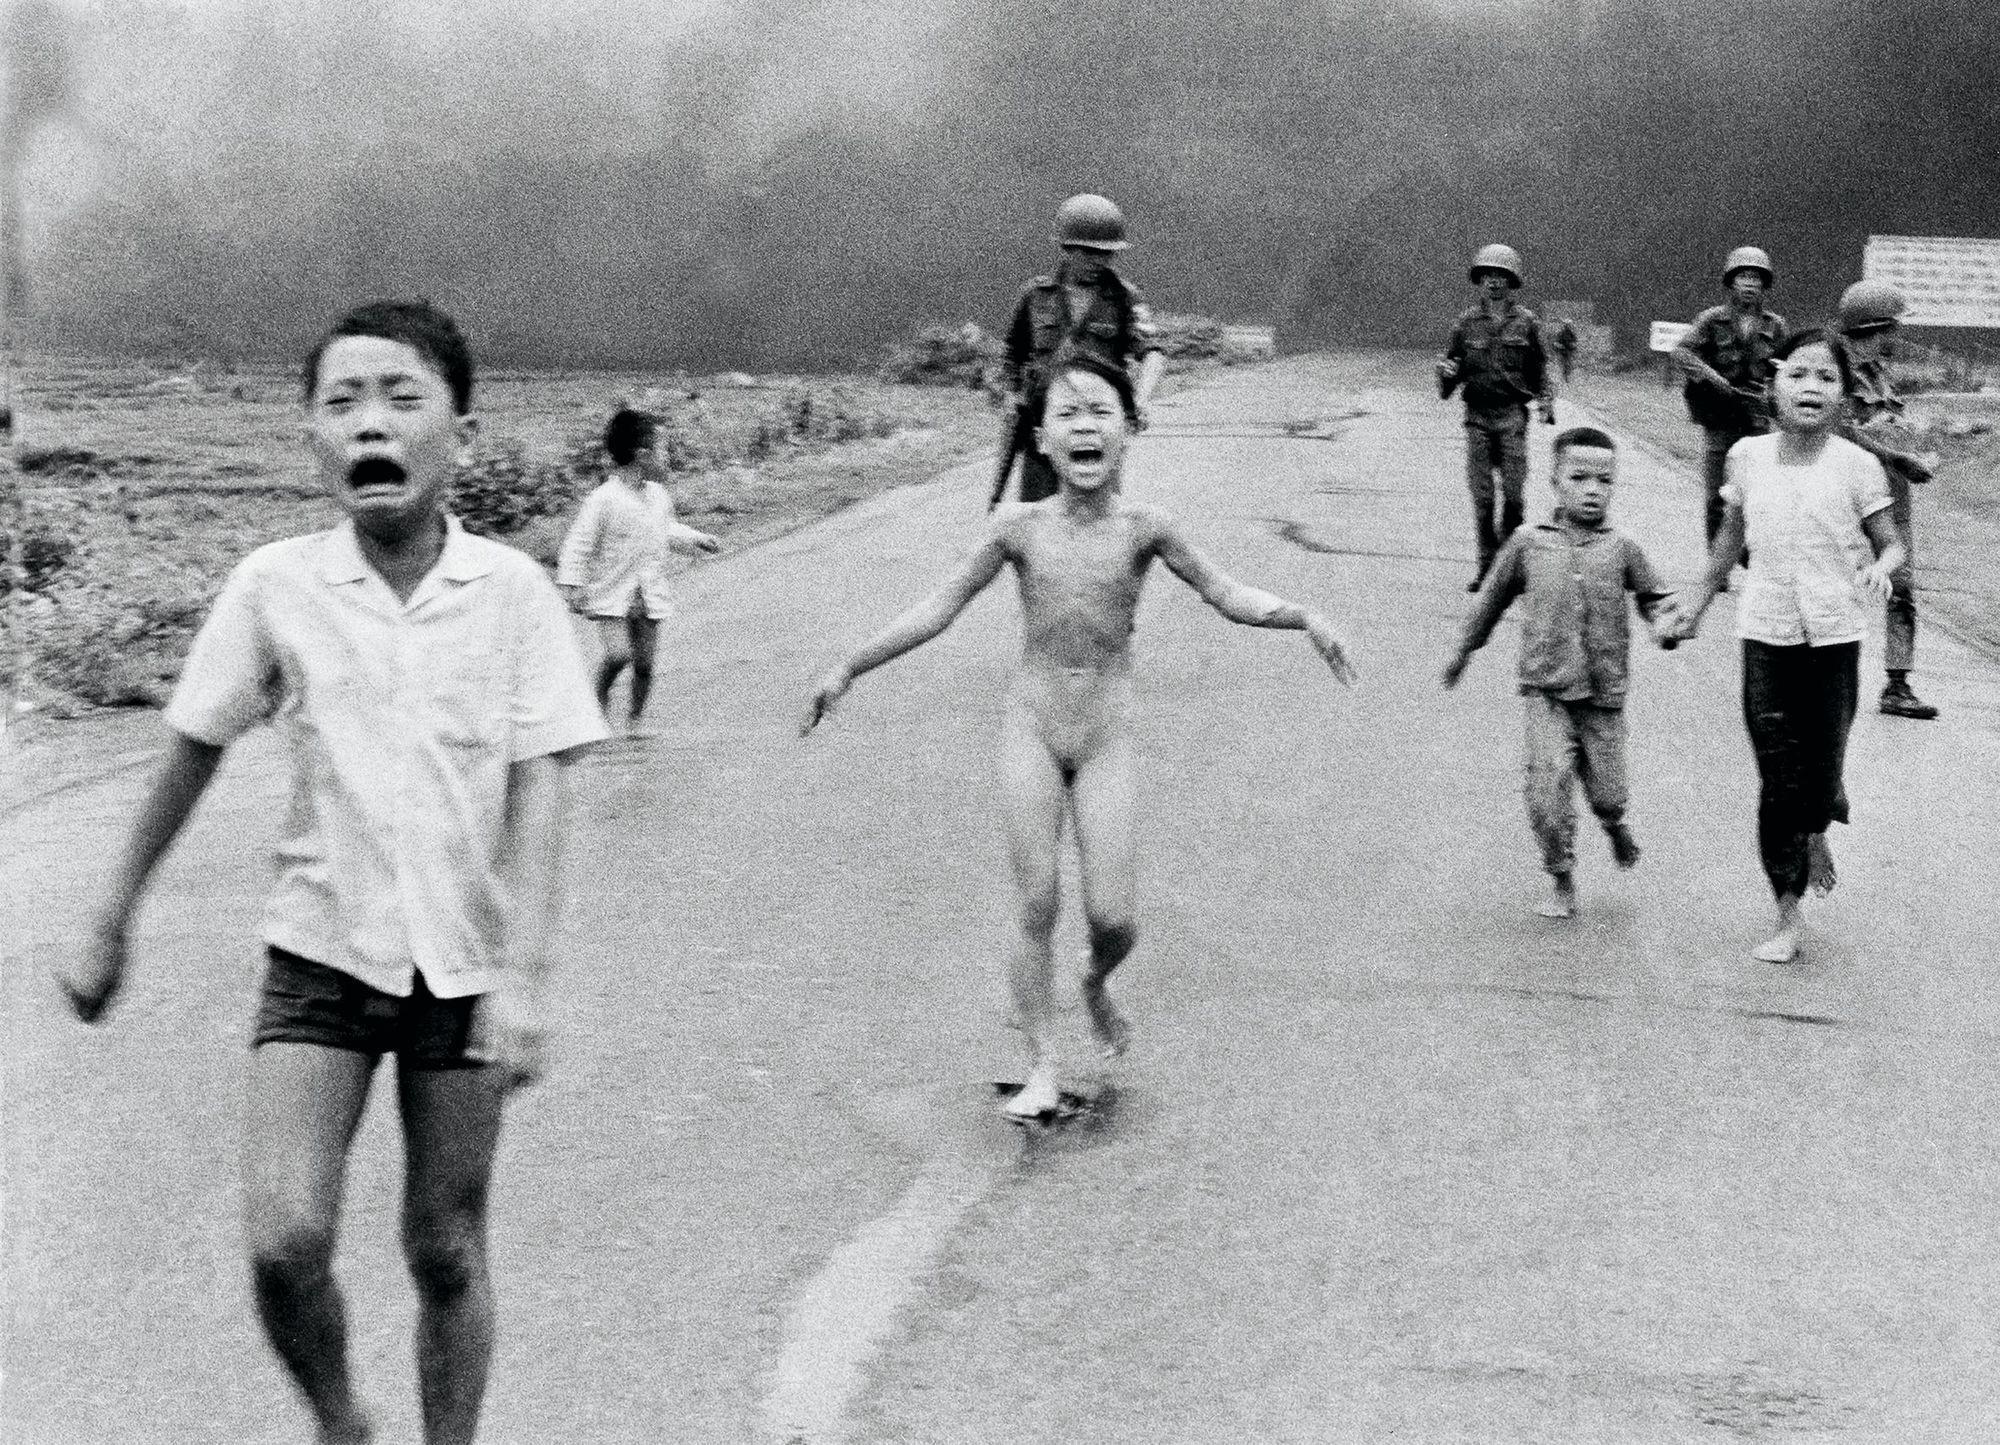 Nick Ut, fillette vietnamienne brûlée après un bombardement au napalm, 8 juin 1972, photographie